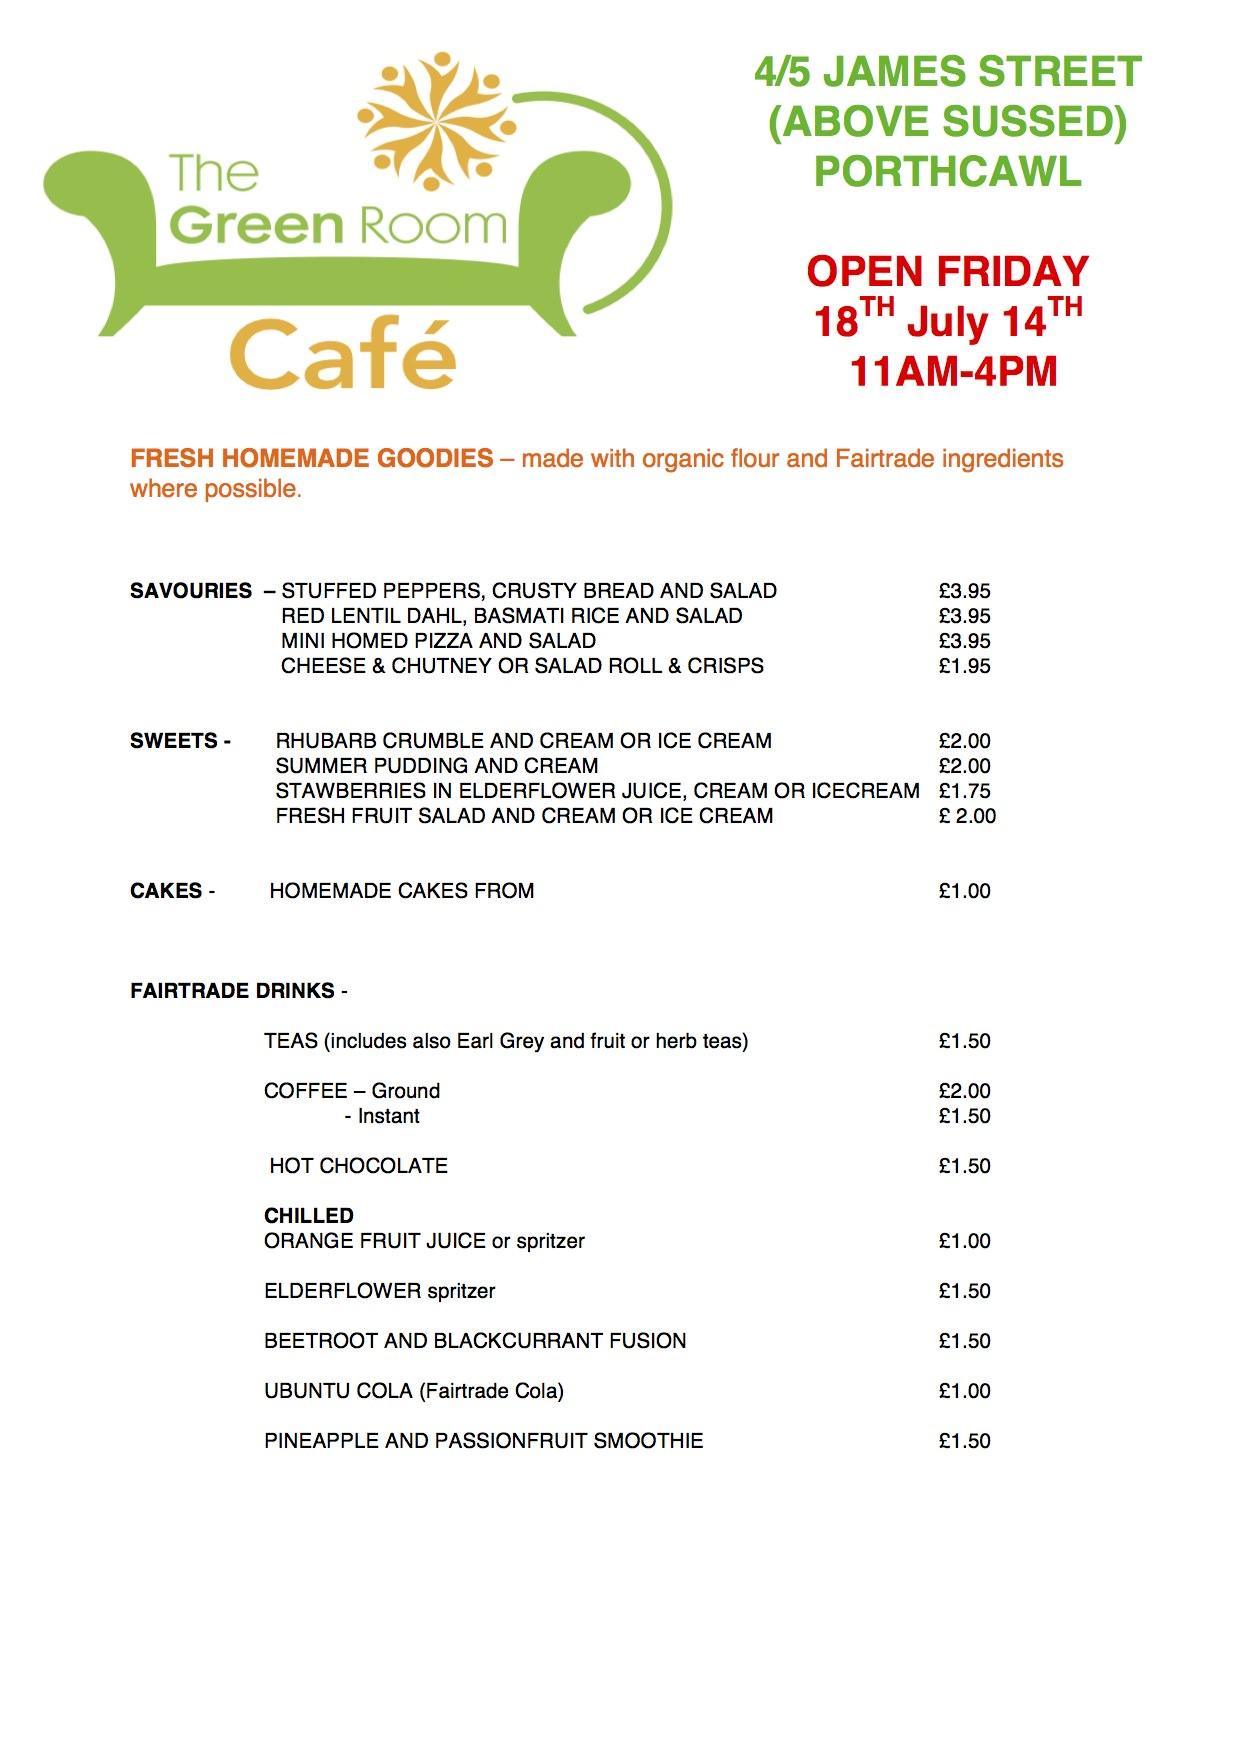 Green Room Café Menu 18 July 2014